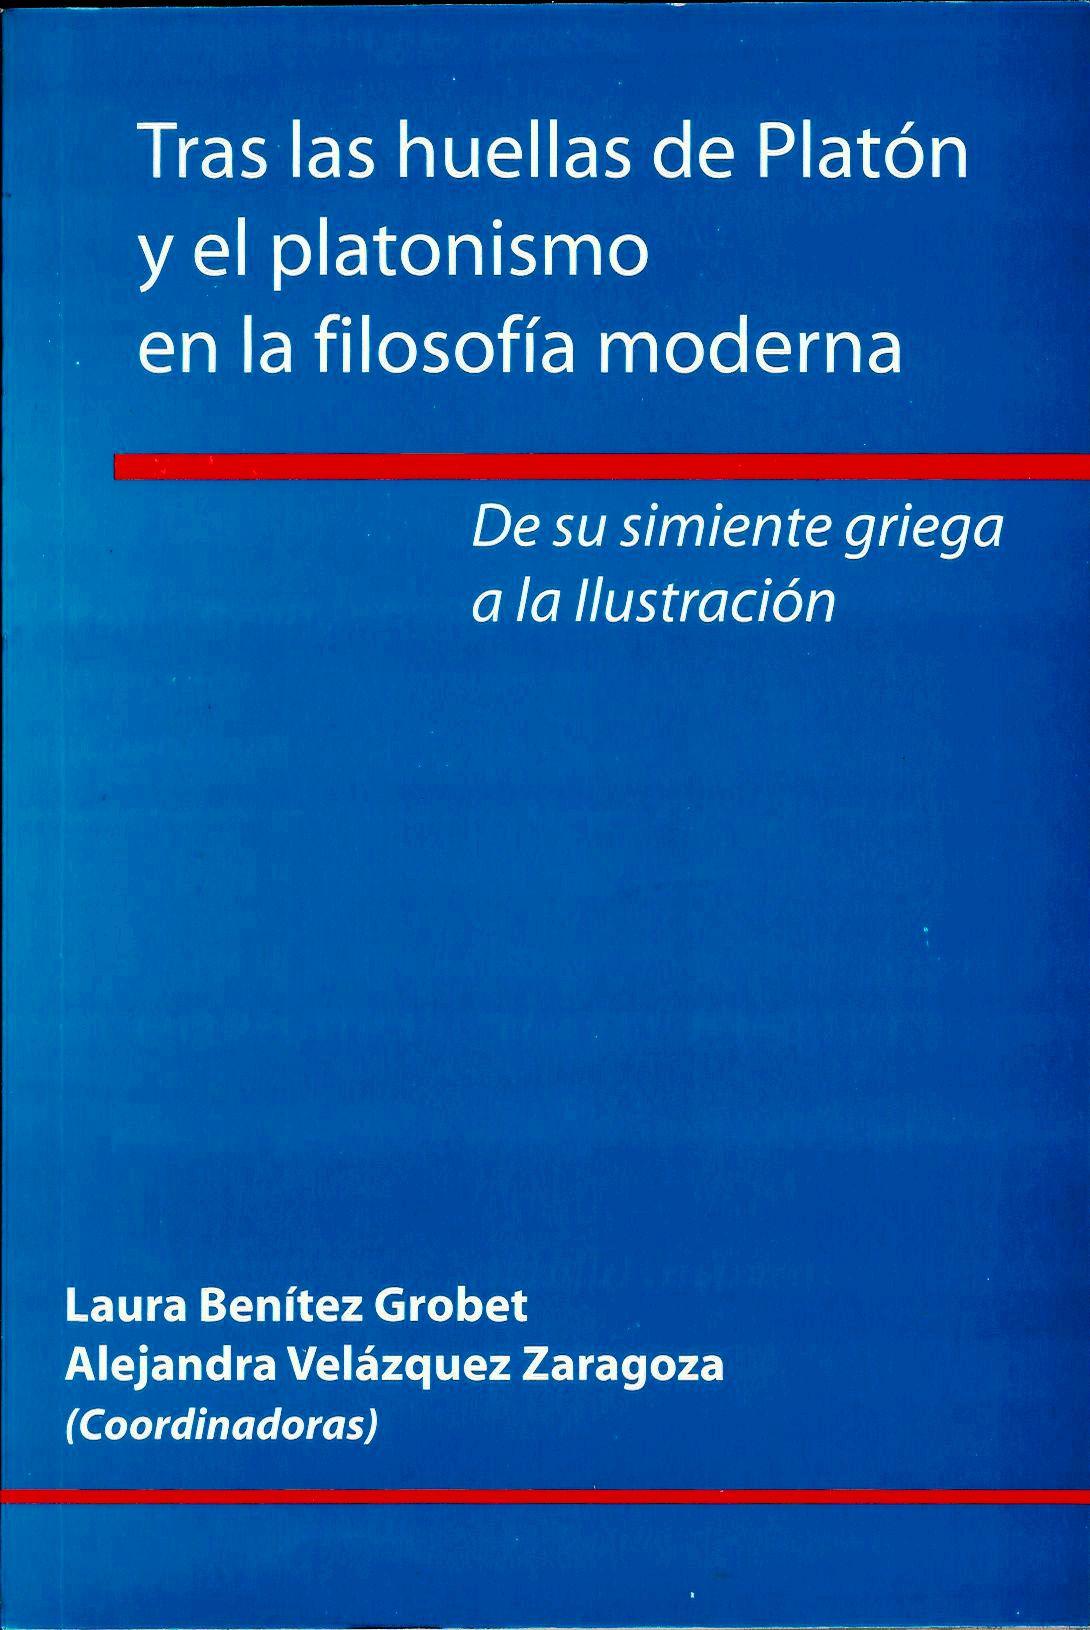 Tras las huellas de Platón y el platonismo en la filosofía moderna